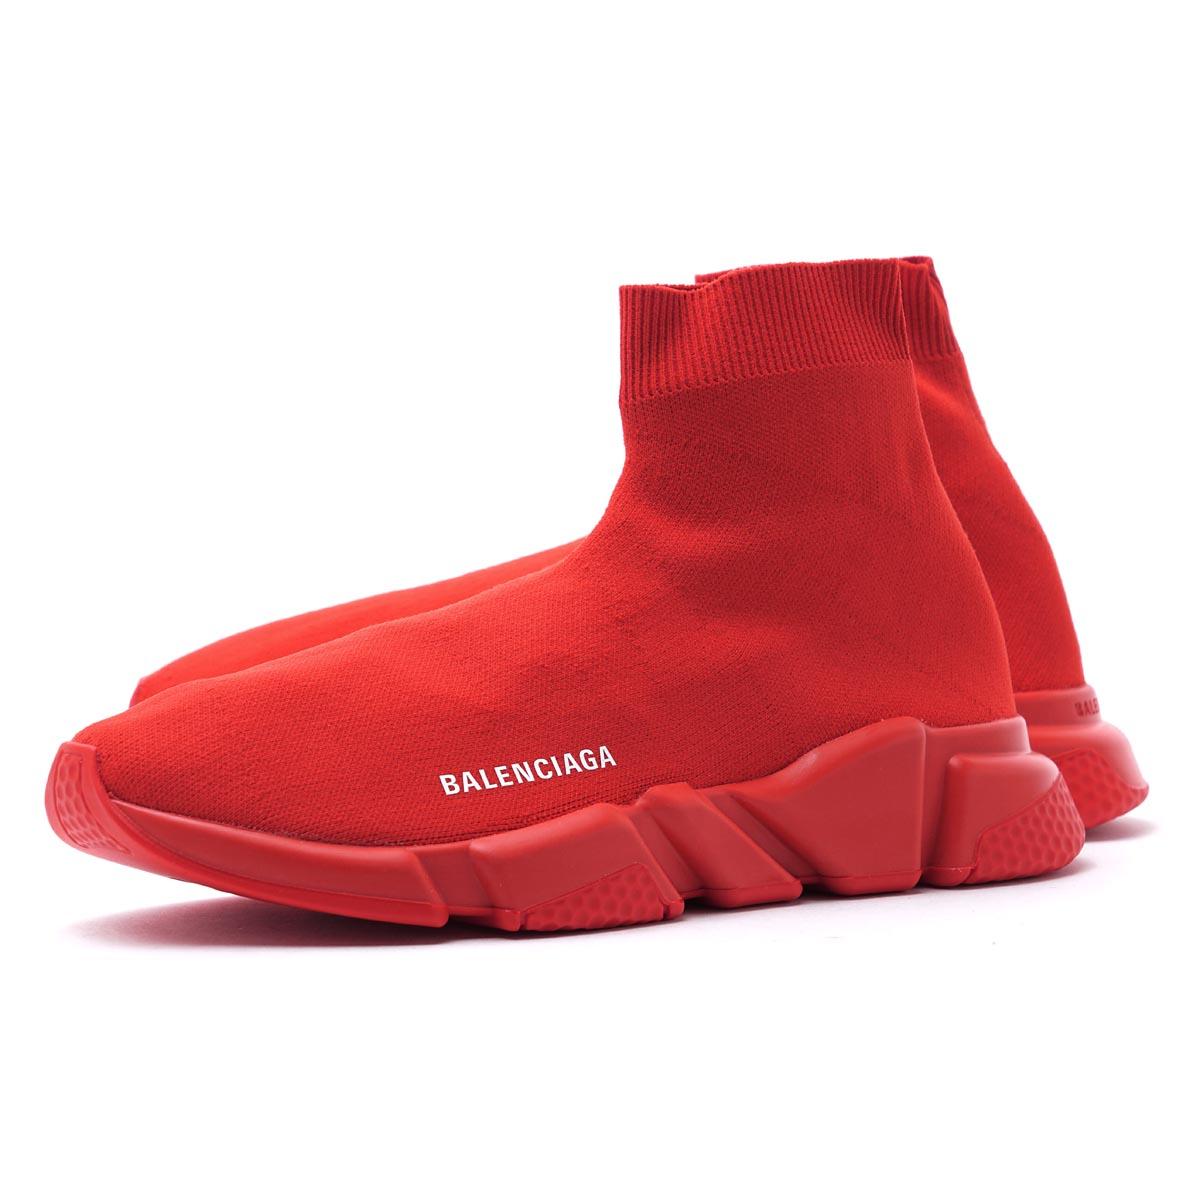 バレンシアガ BALENCIAGA スピード トレーナー スニーカー レッド メンズ シューズ 靴 ファブリック 530353 w05g0 6501 SNEAKER TESS MAILLE【ラッピング無料】【返品送料無料】【あす楽対応_関東】